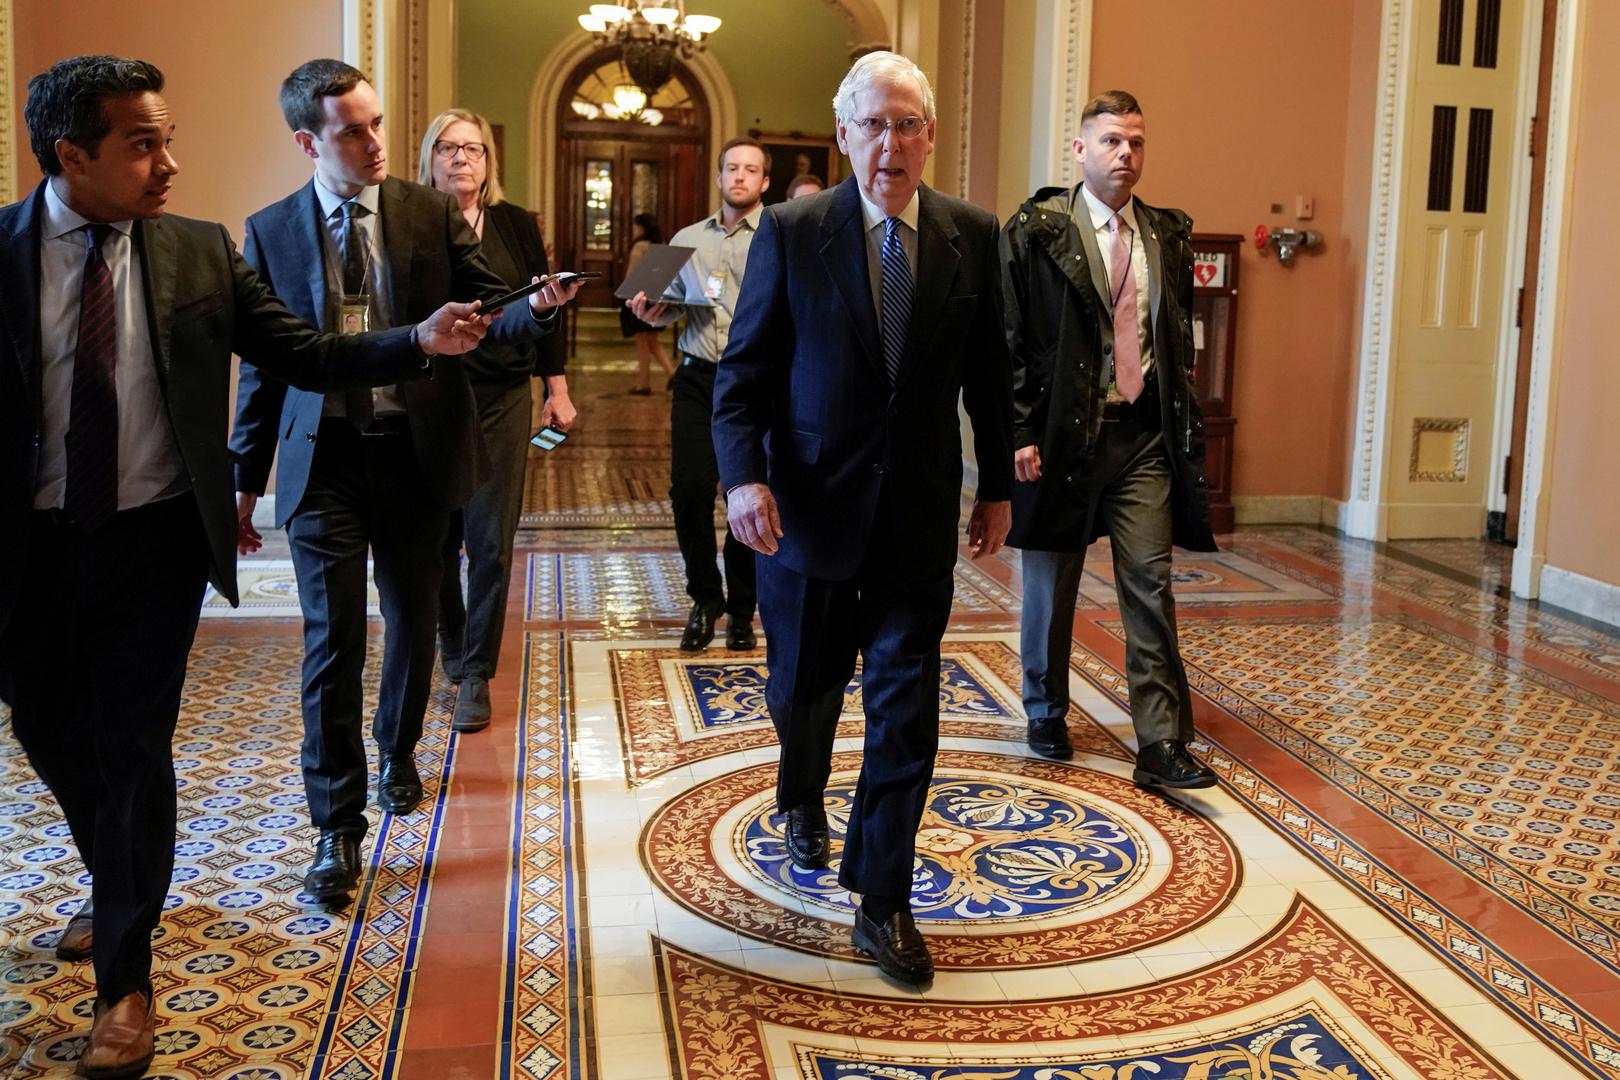 سناتور أمريكي: الكونغرس سيقر تشريعا جديدا للتخفيف من تأثير كورونا